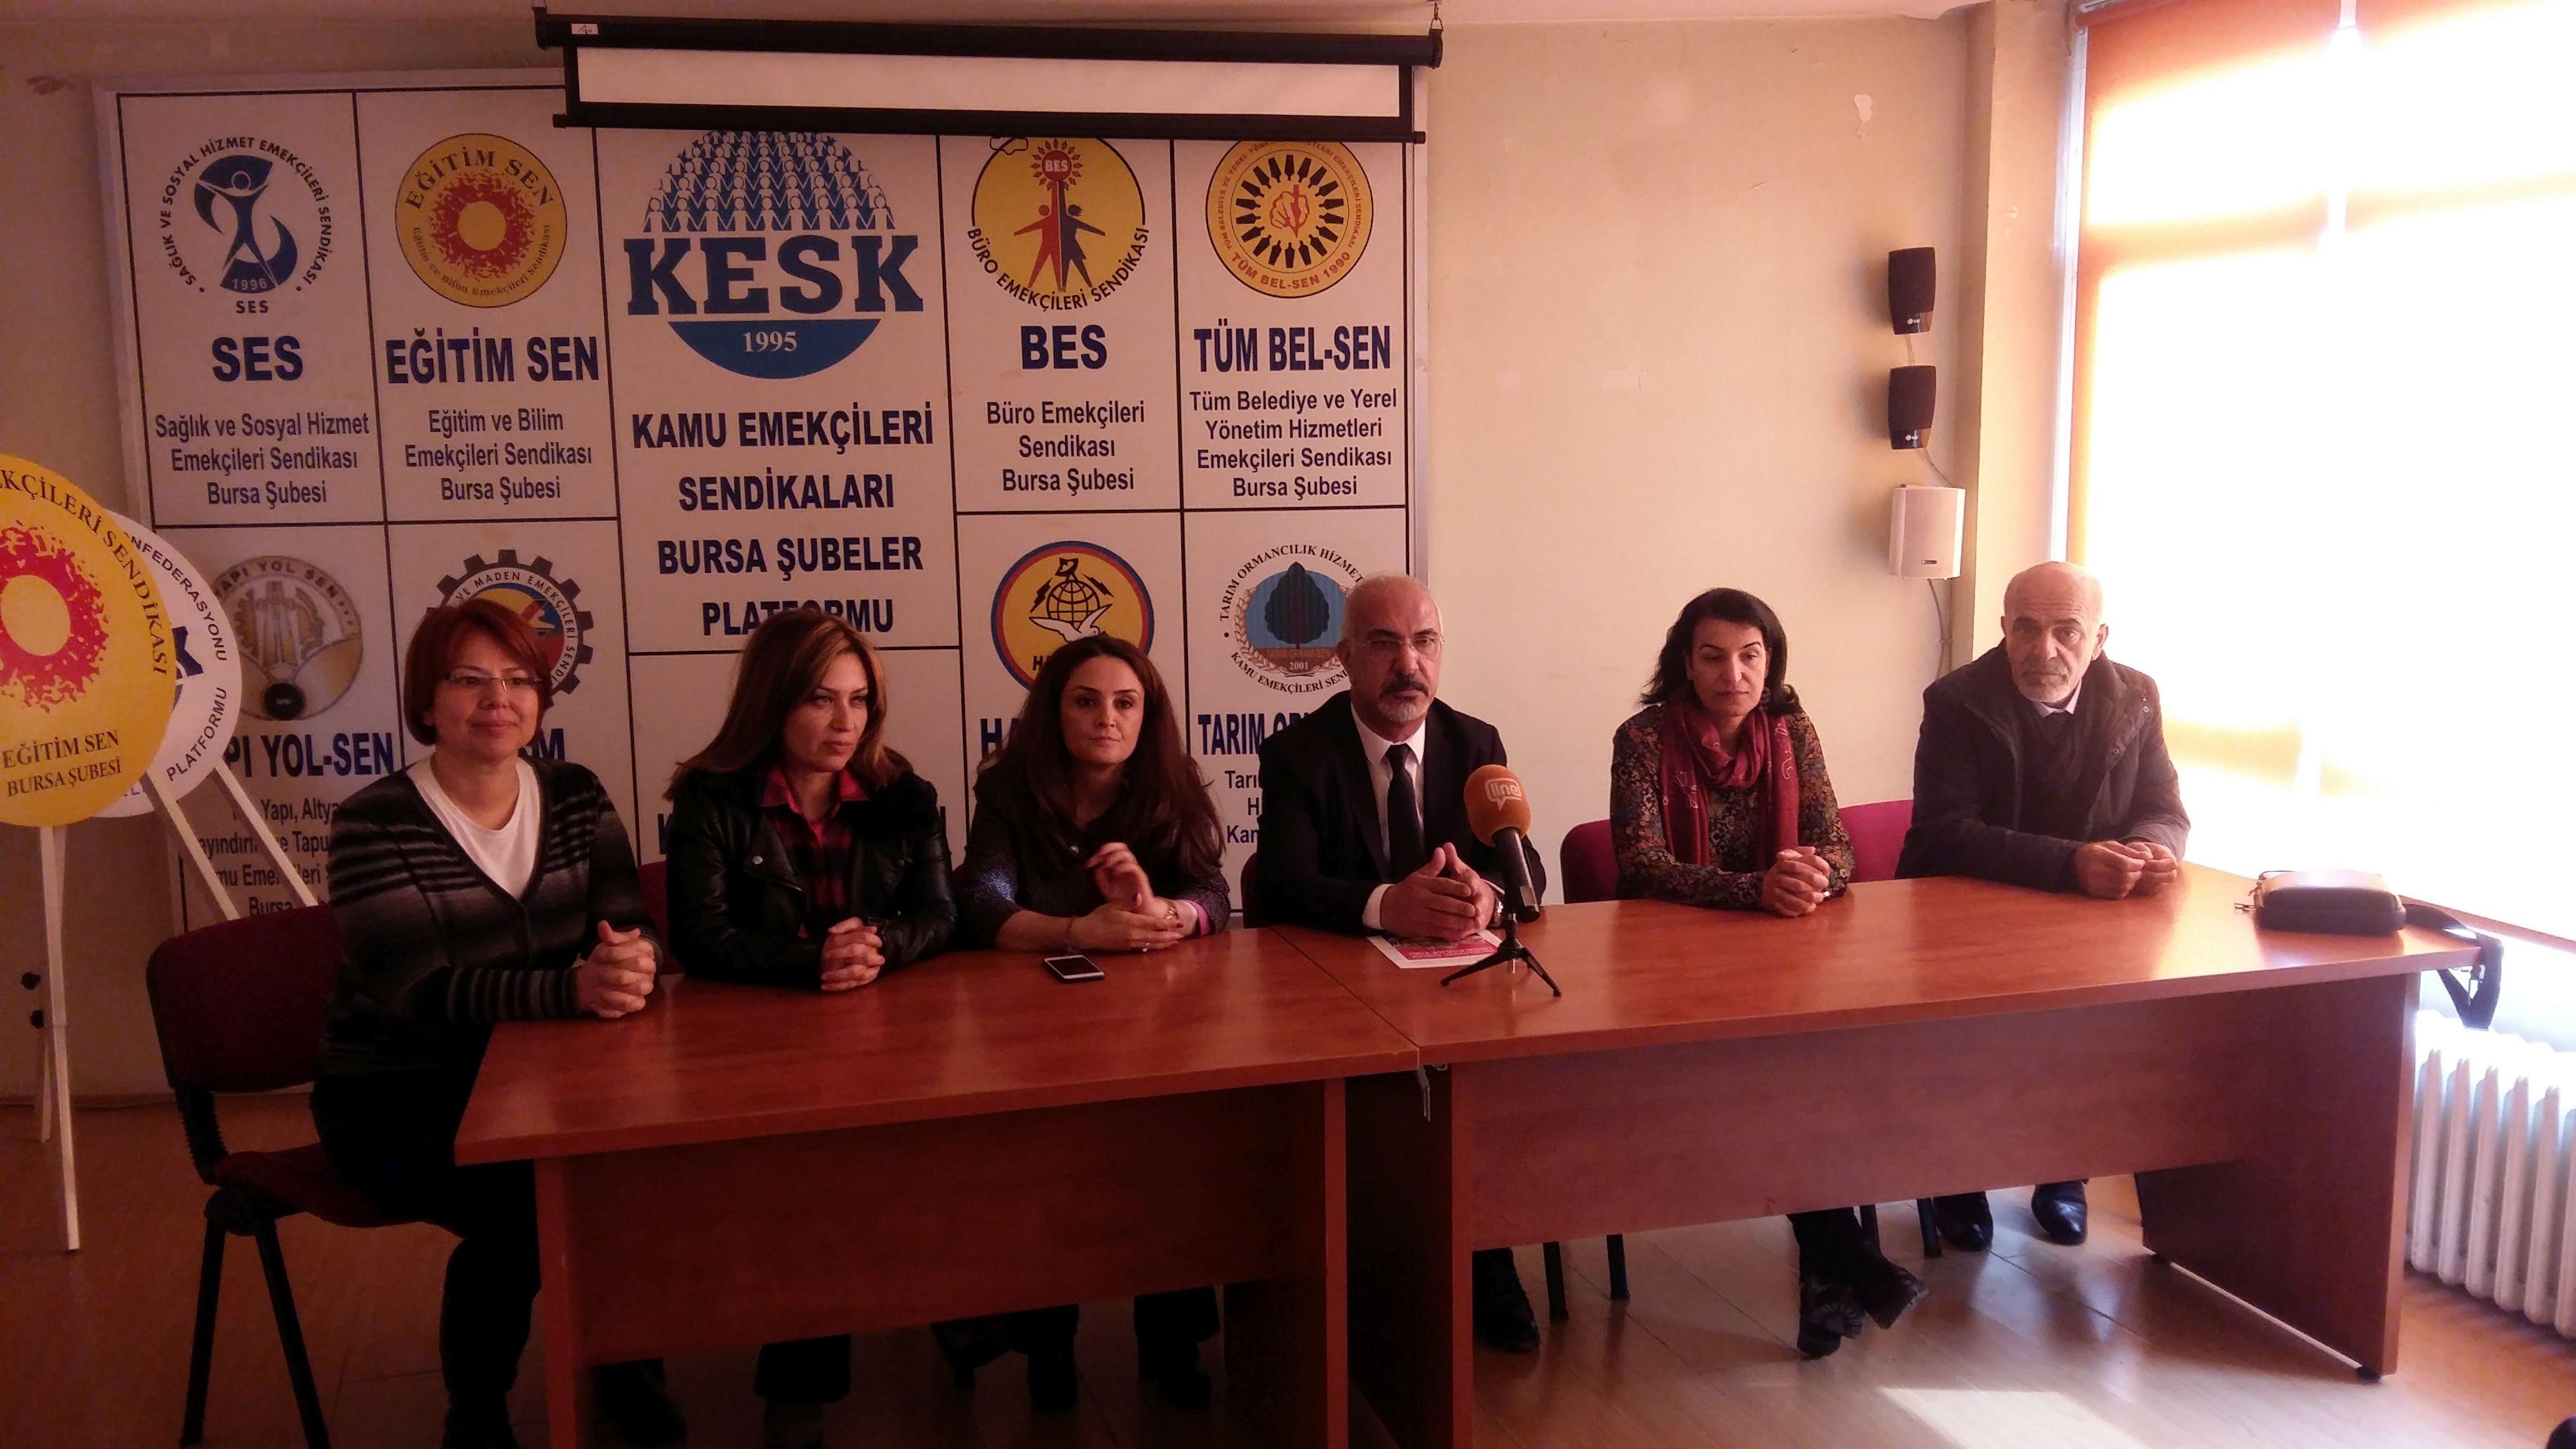 Bursa'da KESK üyeleri, İstanbul bölge mitingine çağrı yaptı